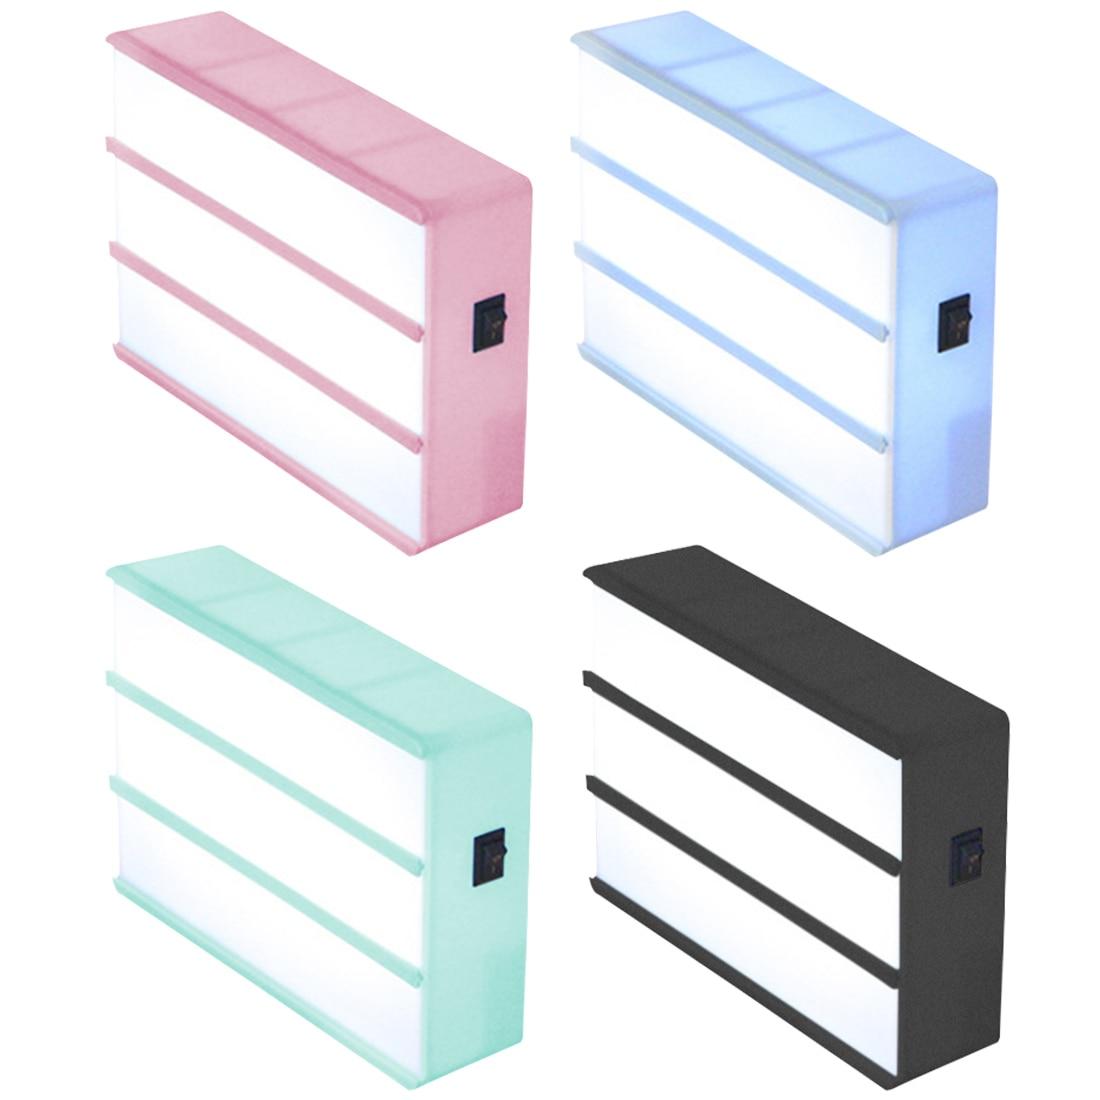 Nouveau A4 Taille LED Combinaison Boîte à Lumière Nuit Lampe DIY Noir Lettres Cartes USB Port Alimenté Cinéma Lightbox